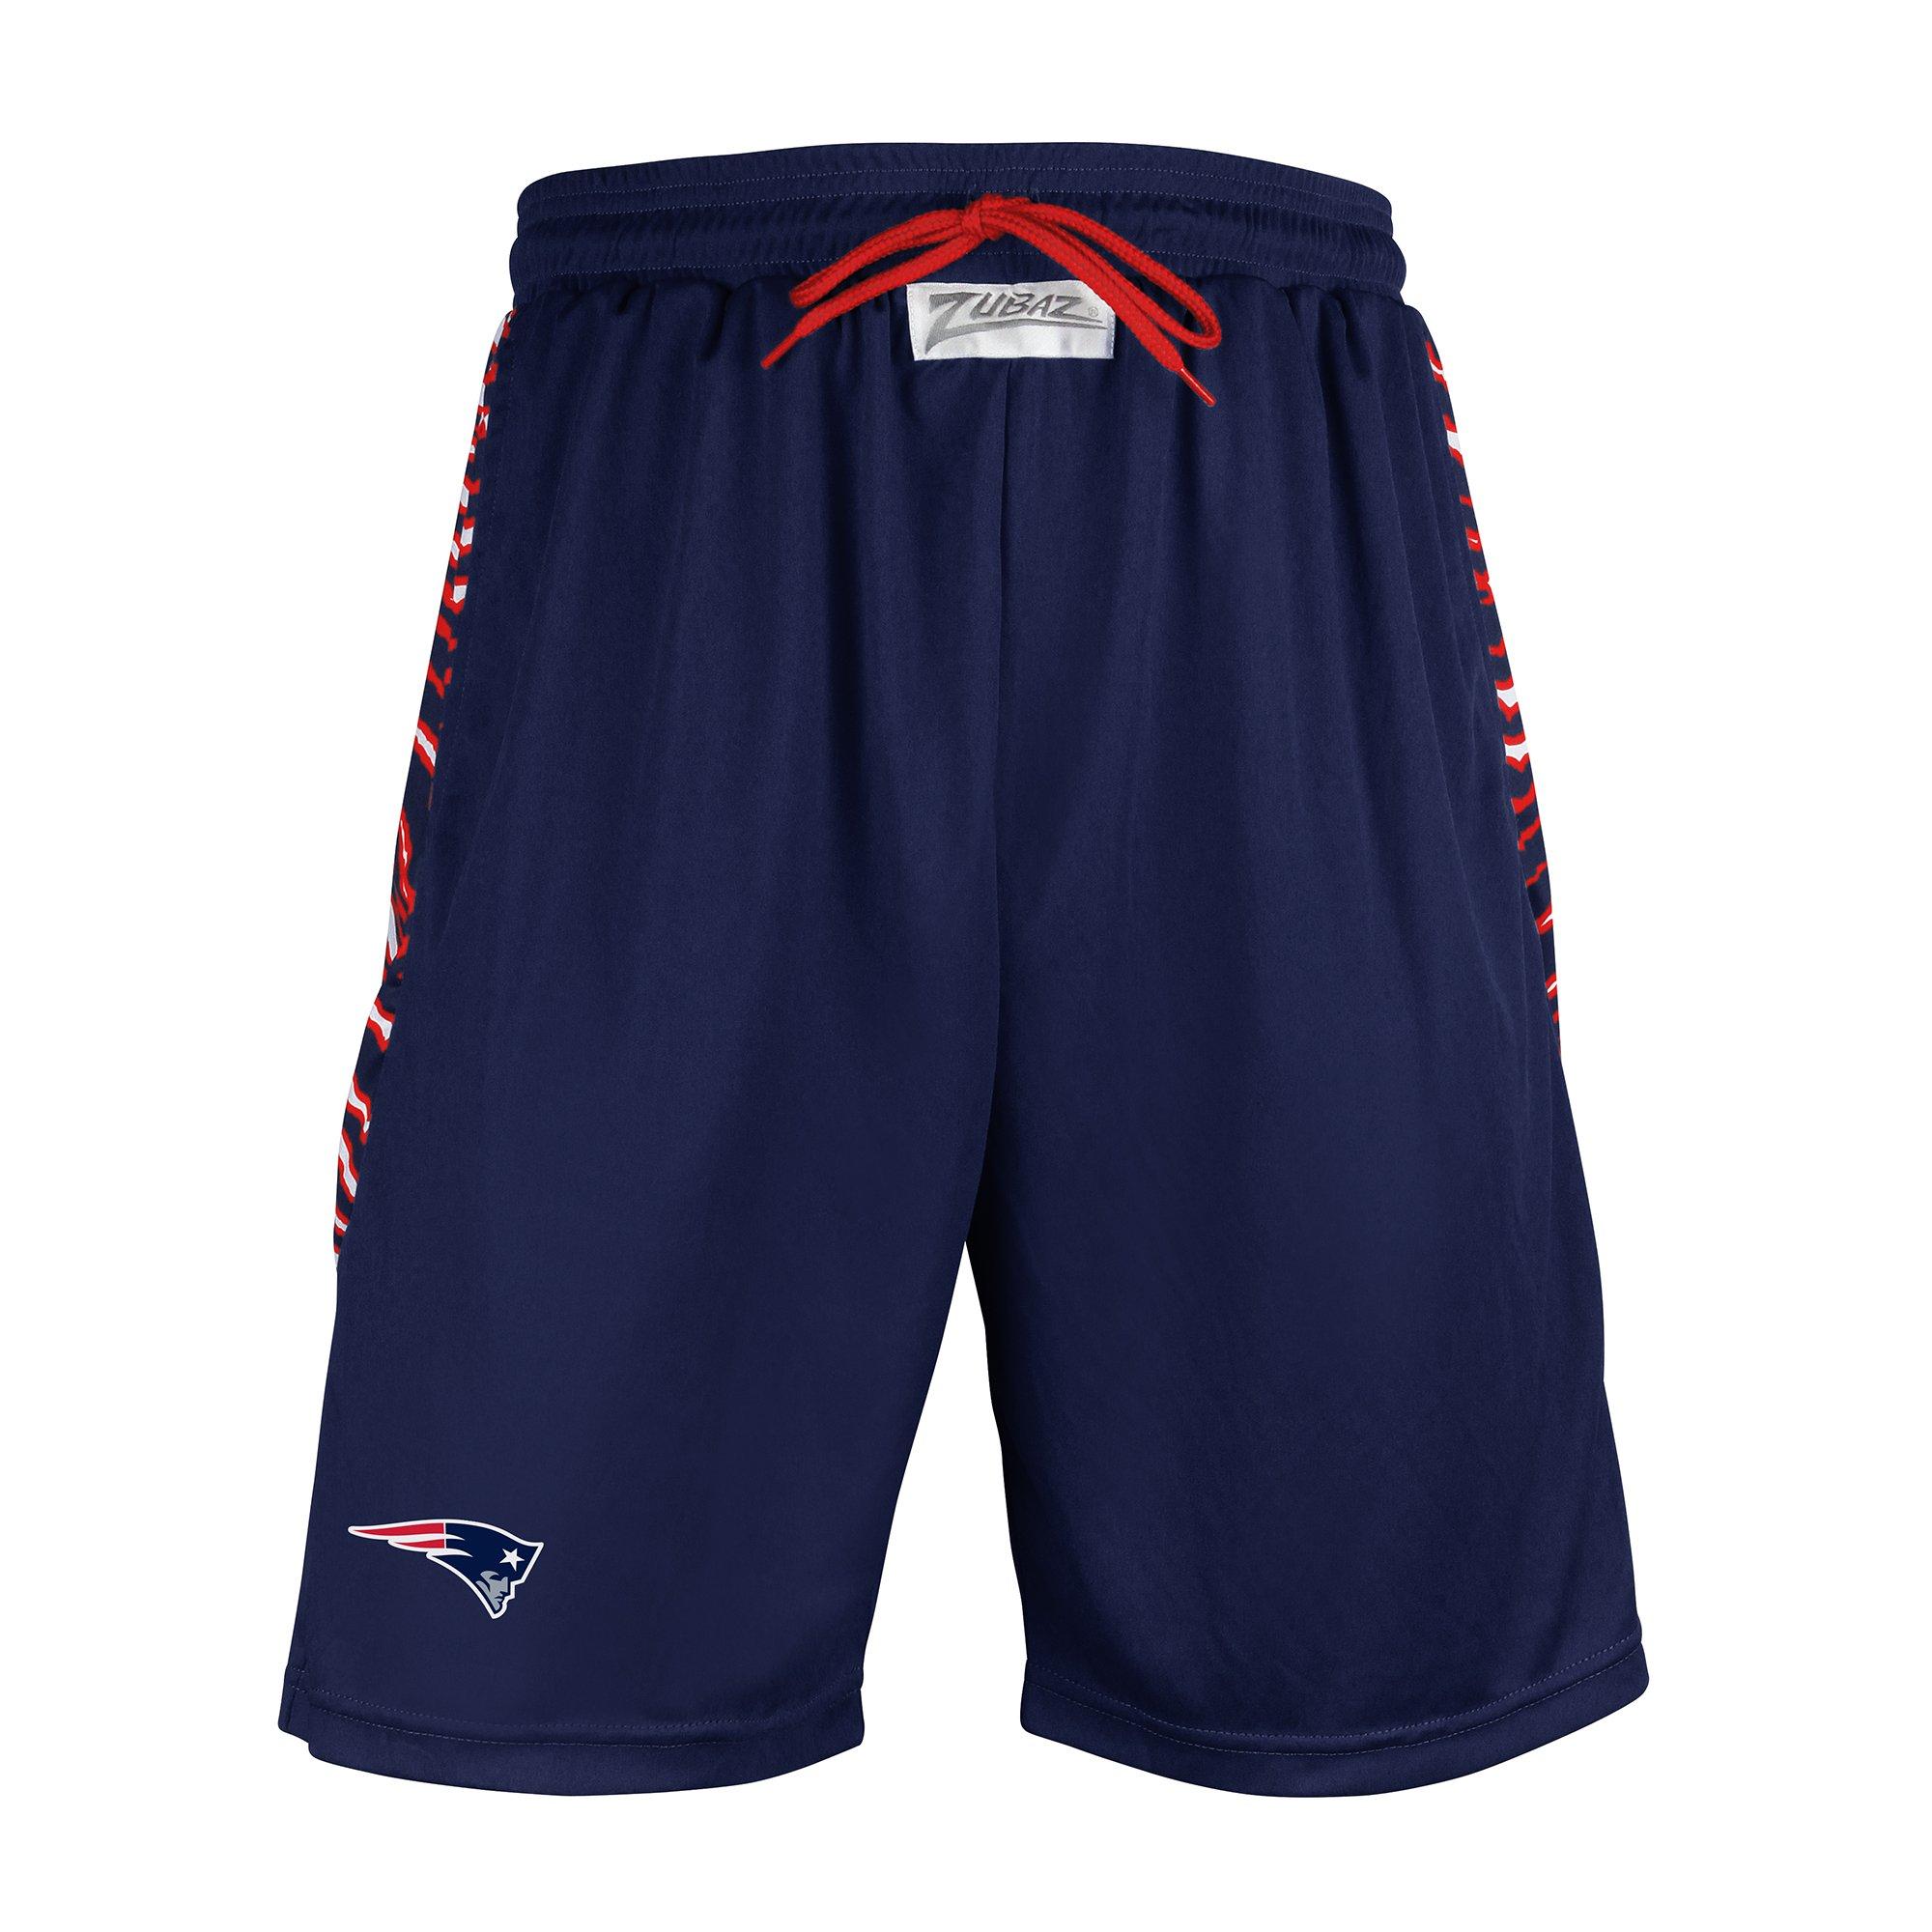 8cc31a2f4 NFL New England Patriots Men s Zubaz Zebra Print Accent Team Logo Active  Shorts